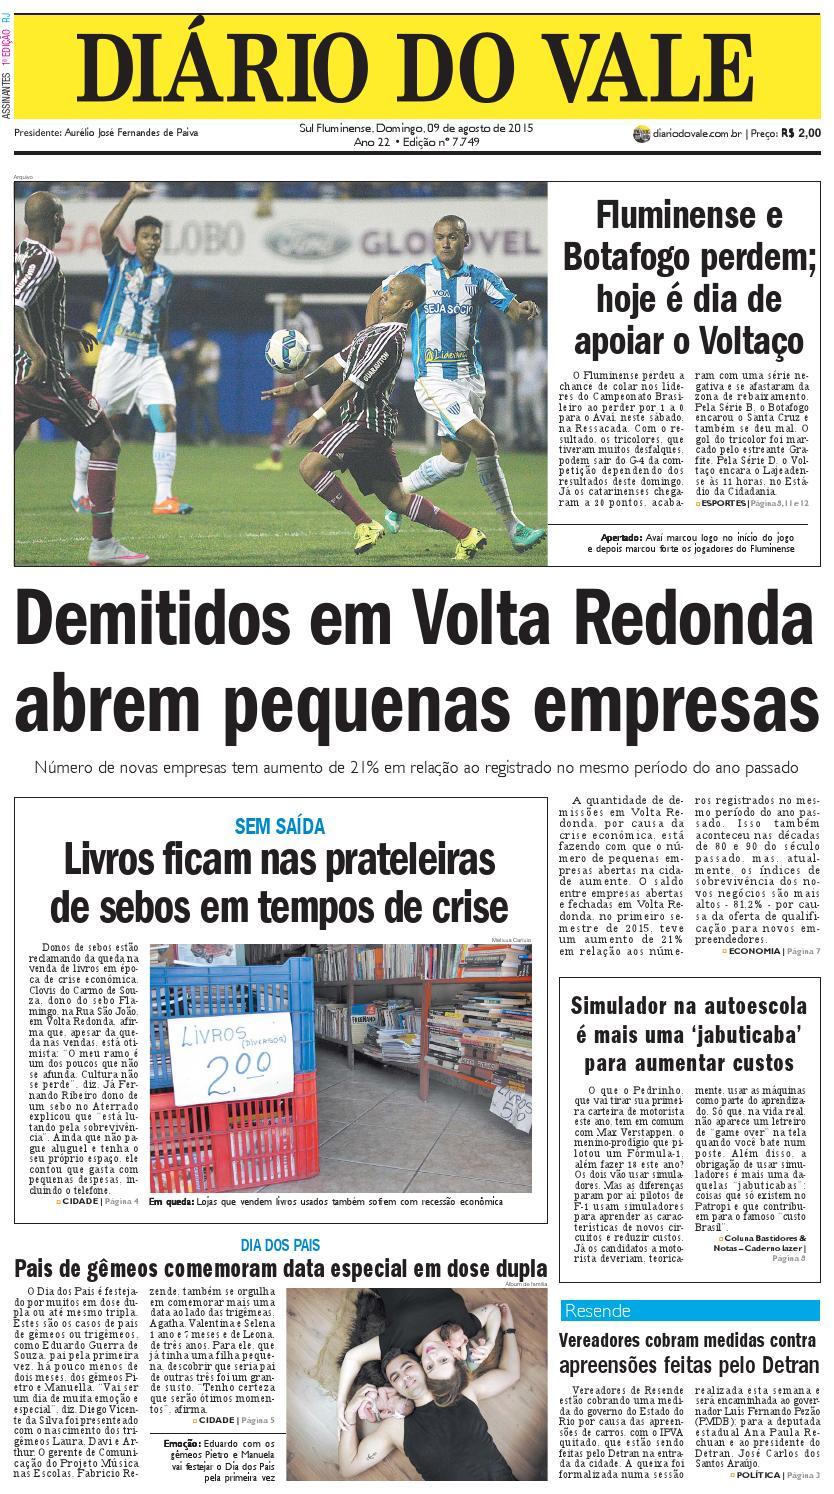 7749 diario domingo 09 08 2015 by Diário do Vale - issuu e3653fbc7f815